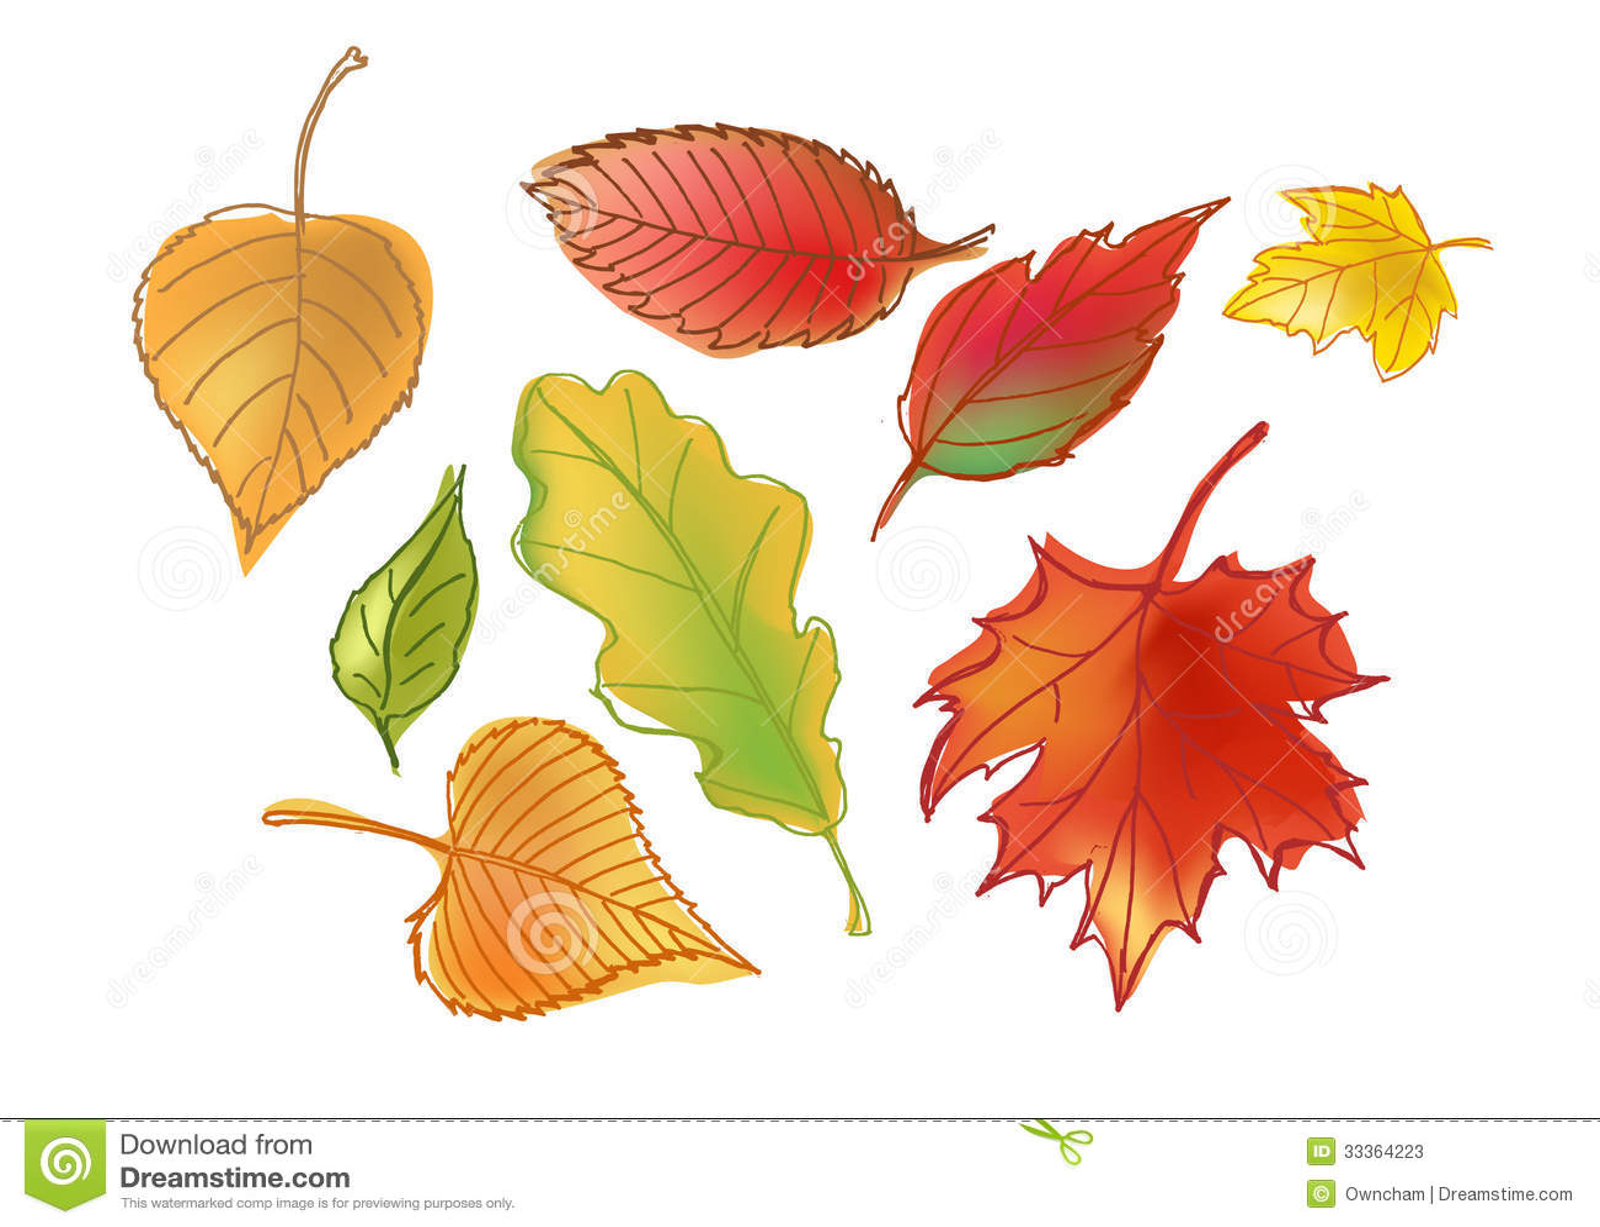 Autumn Leafs exhausto